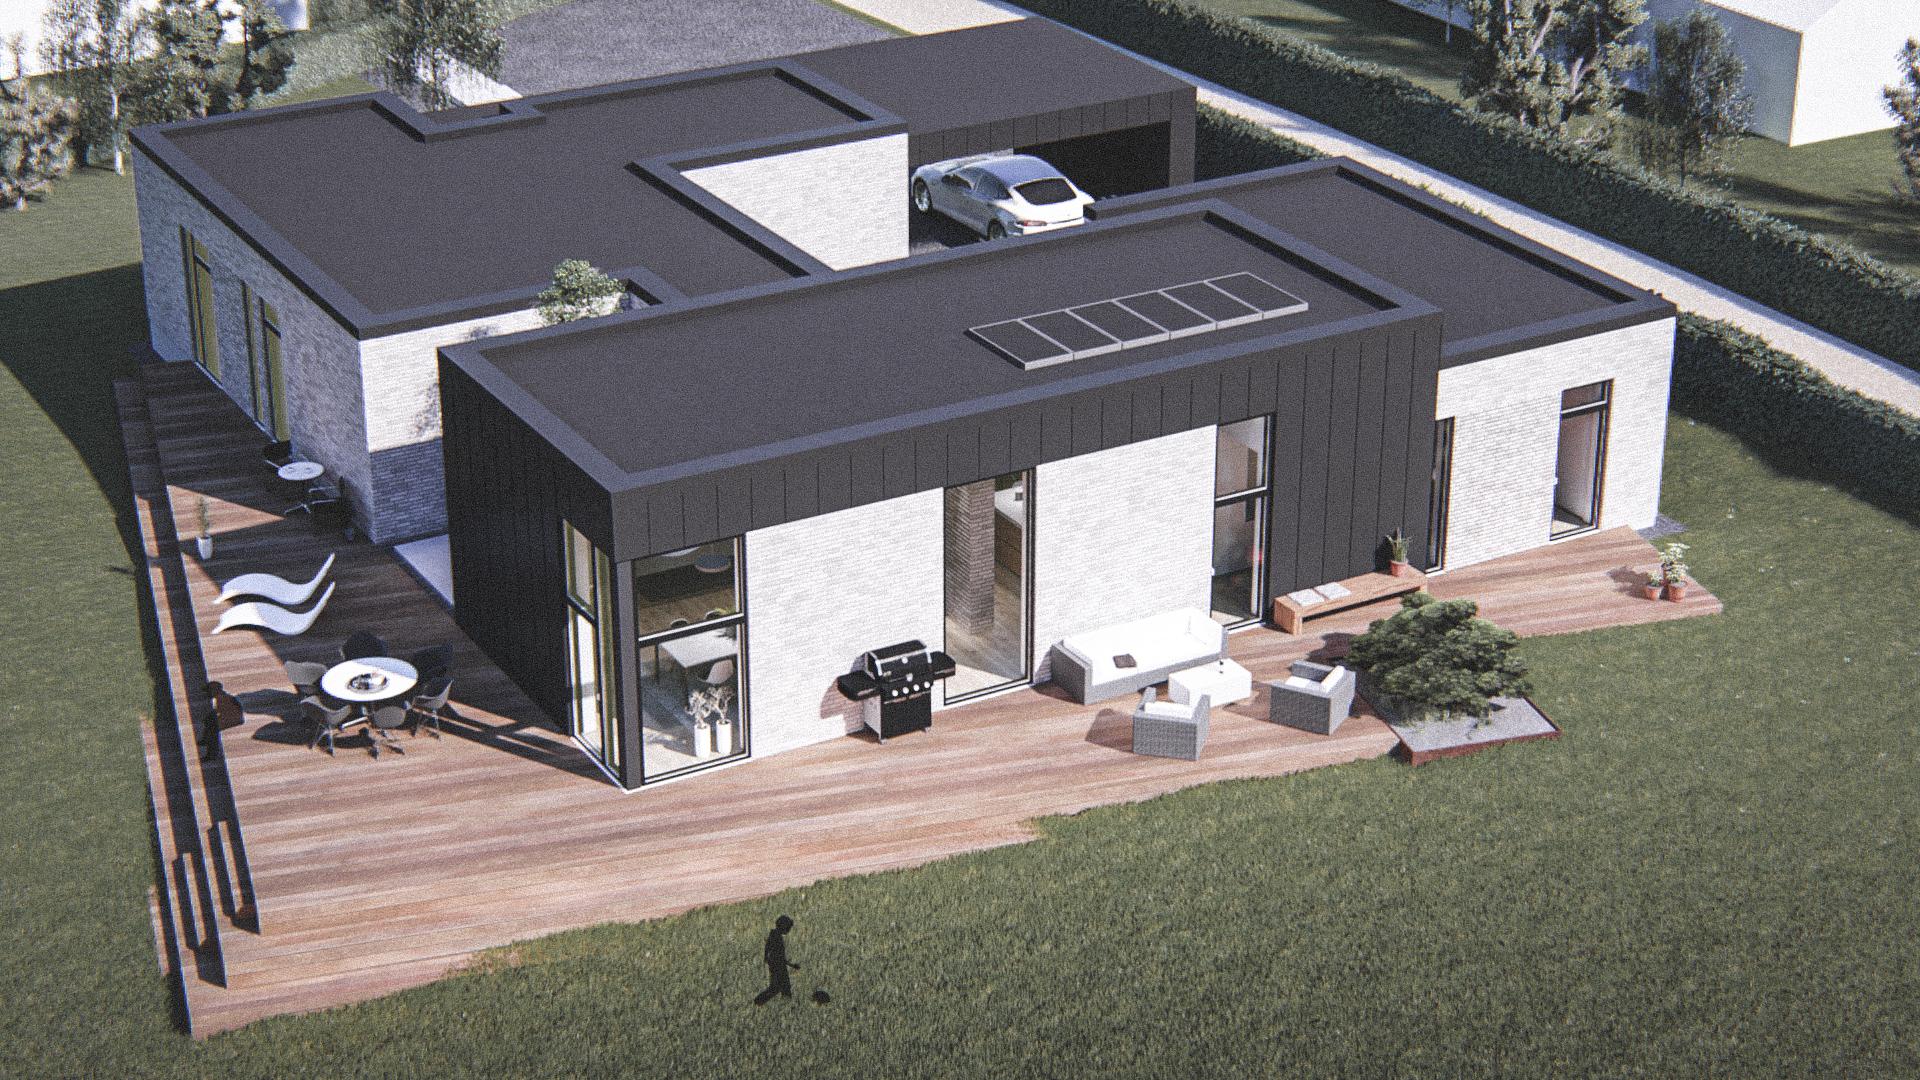 Billede af Dansk arkitekttegnet 1 plan villa af arkitektfirmaet m2plus, i Støvring på 237 kvartratmeter.